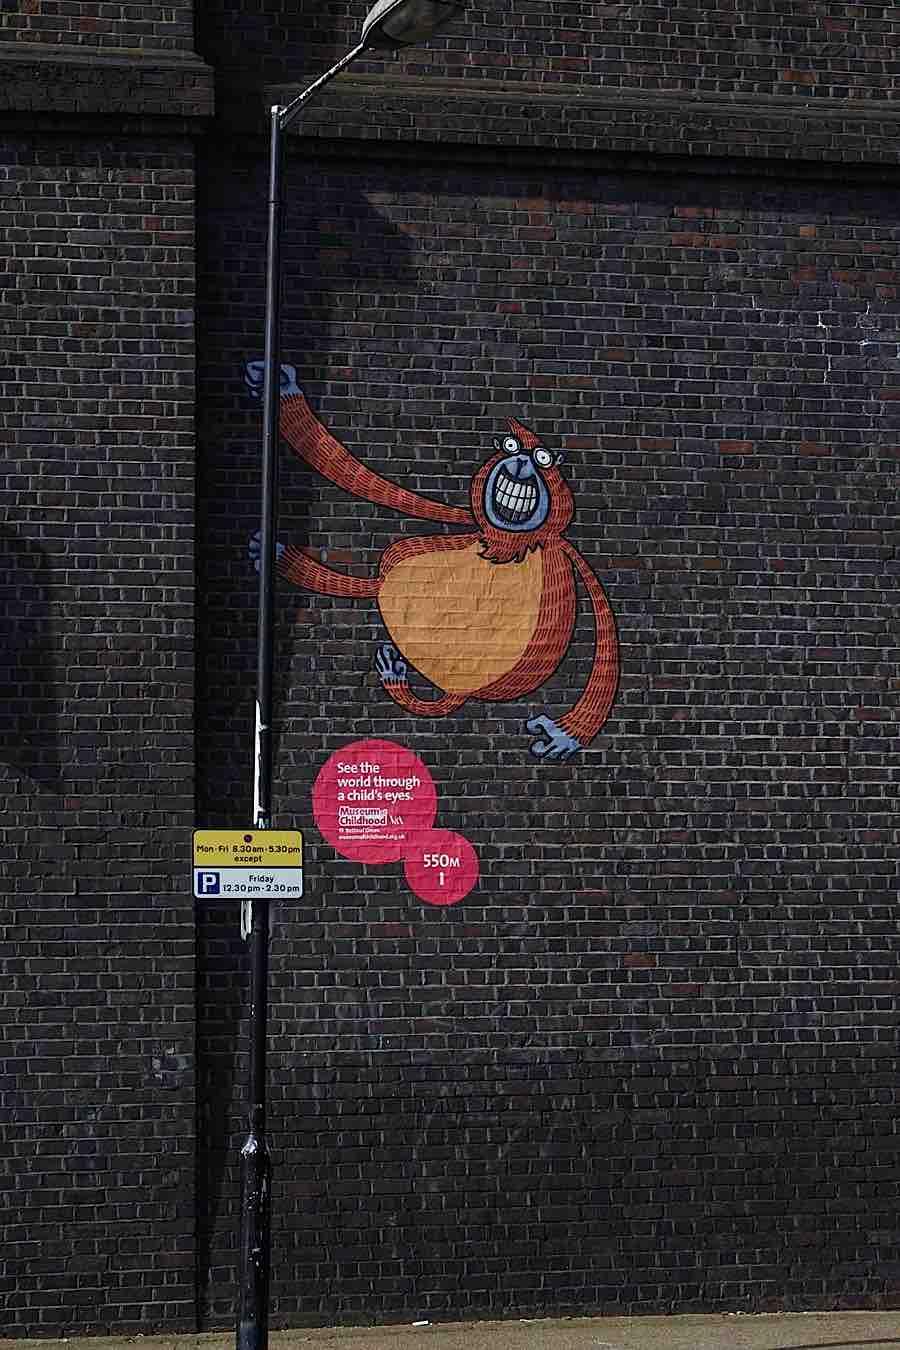 Du Street art pour découvrir le monde avec des yeux d'enfants (3)